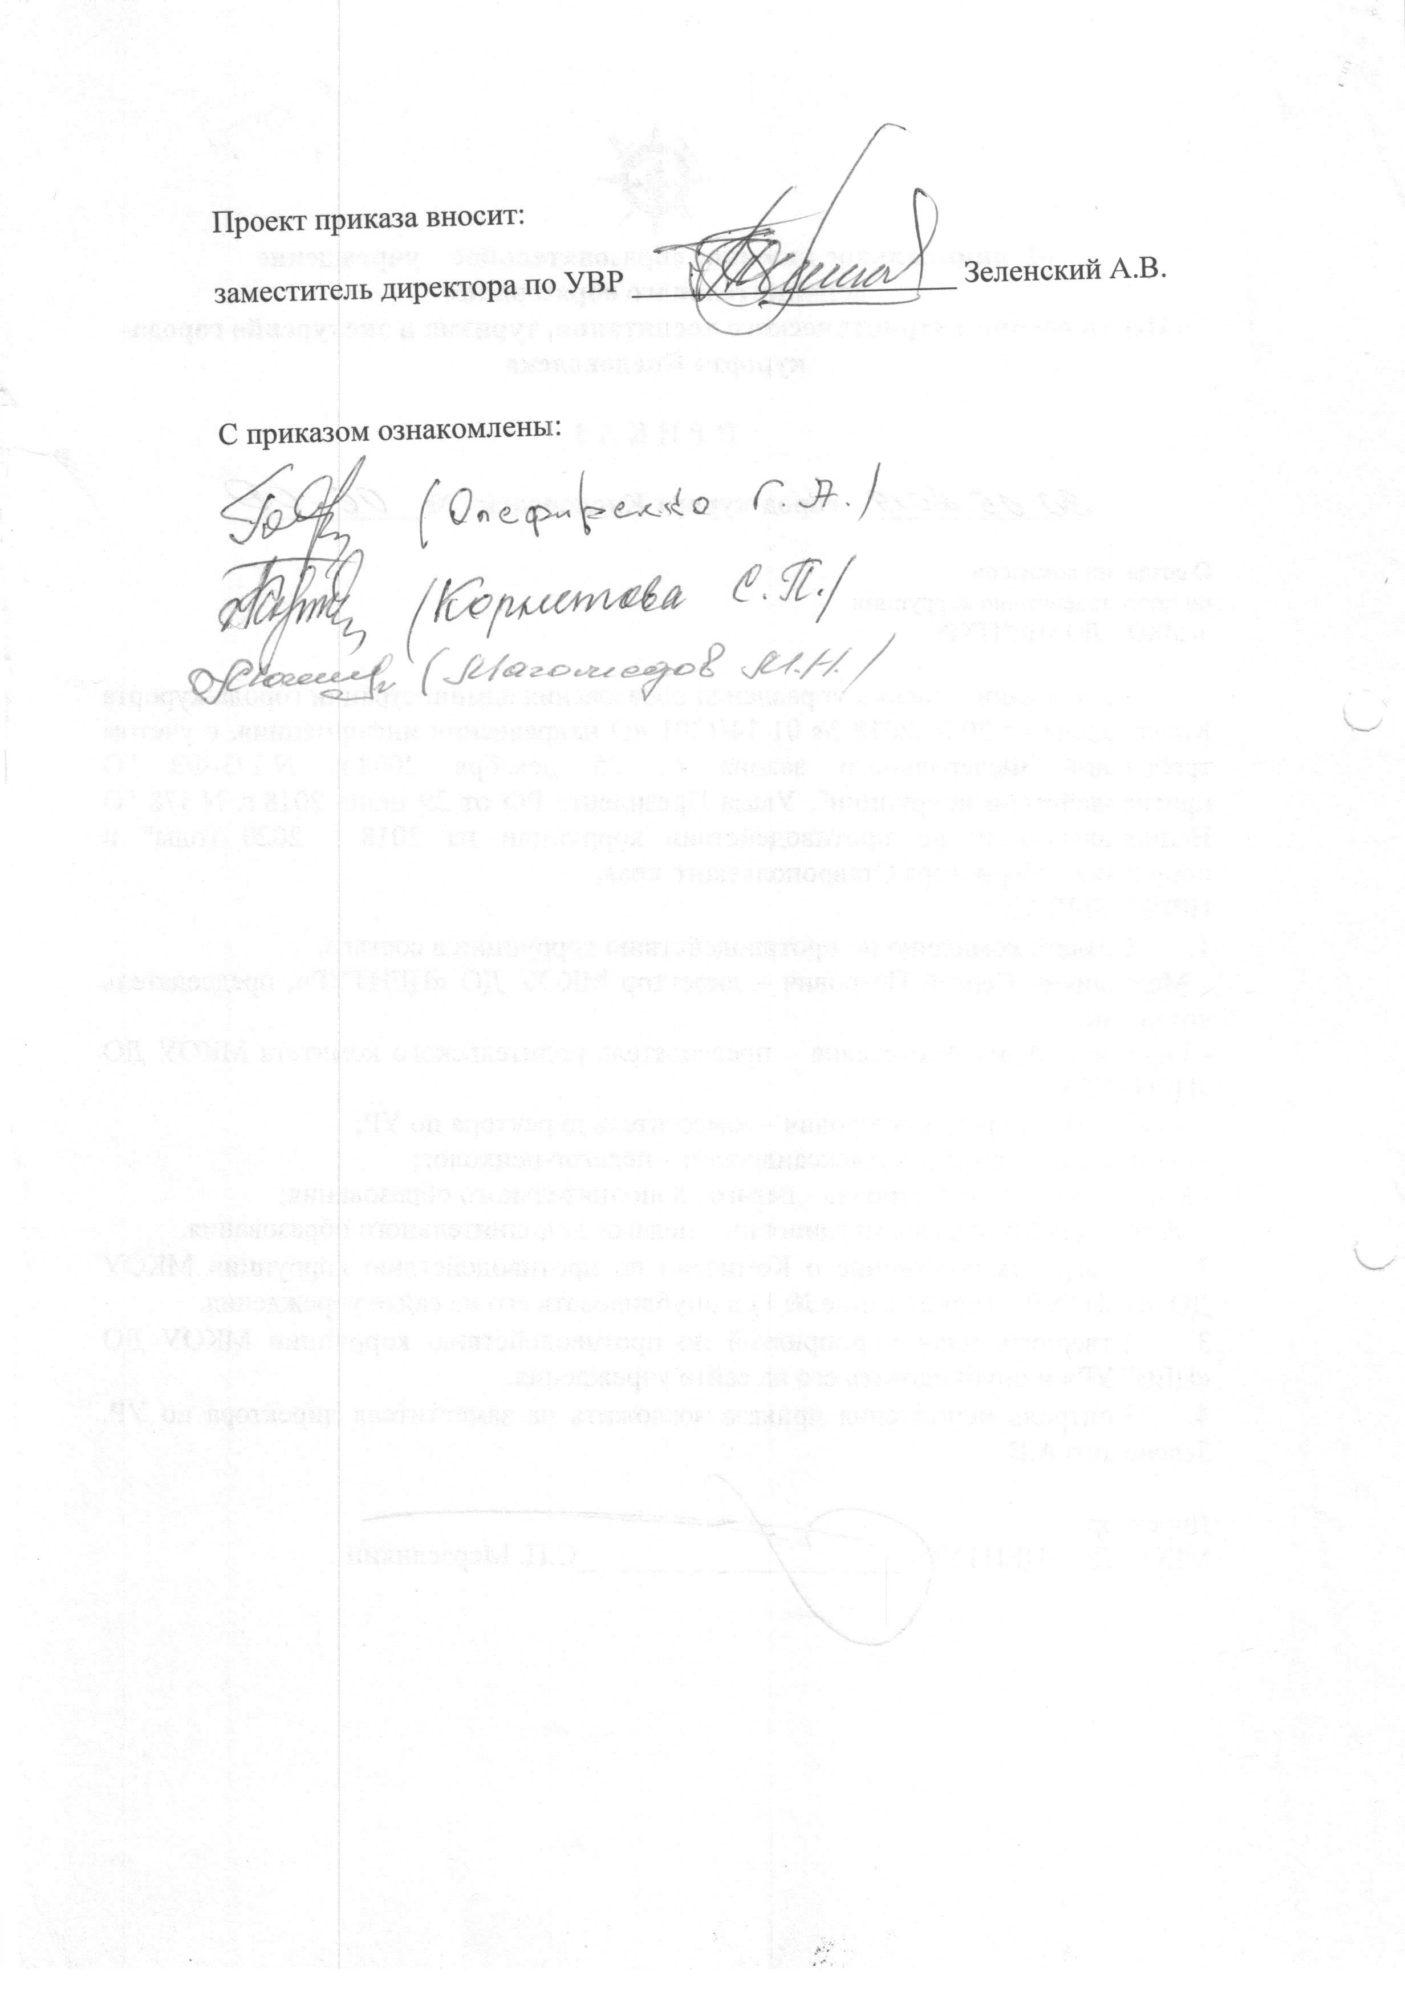 Антикоррупционная документация 002